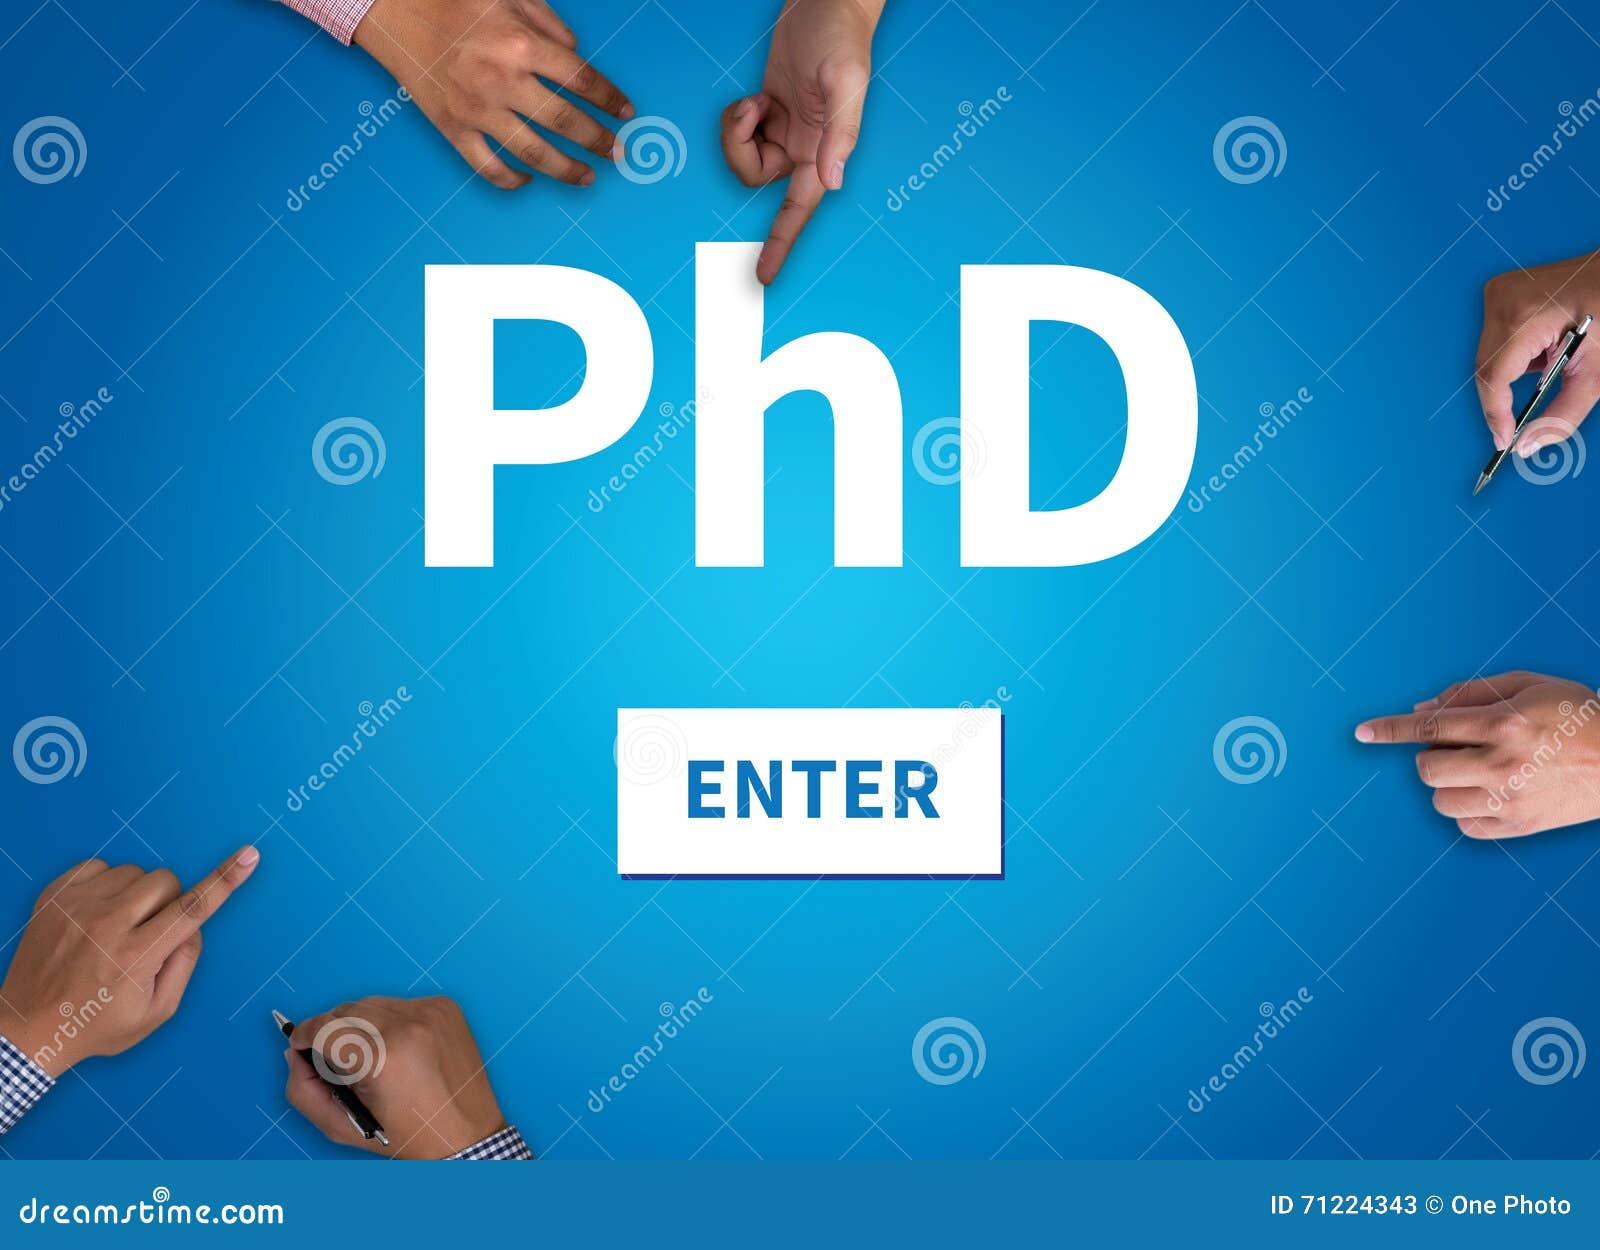 Doctor of philosophy in philosophy